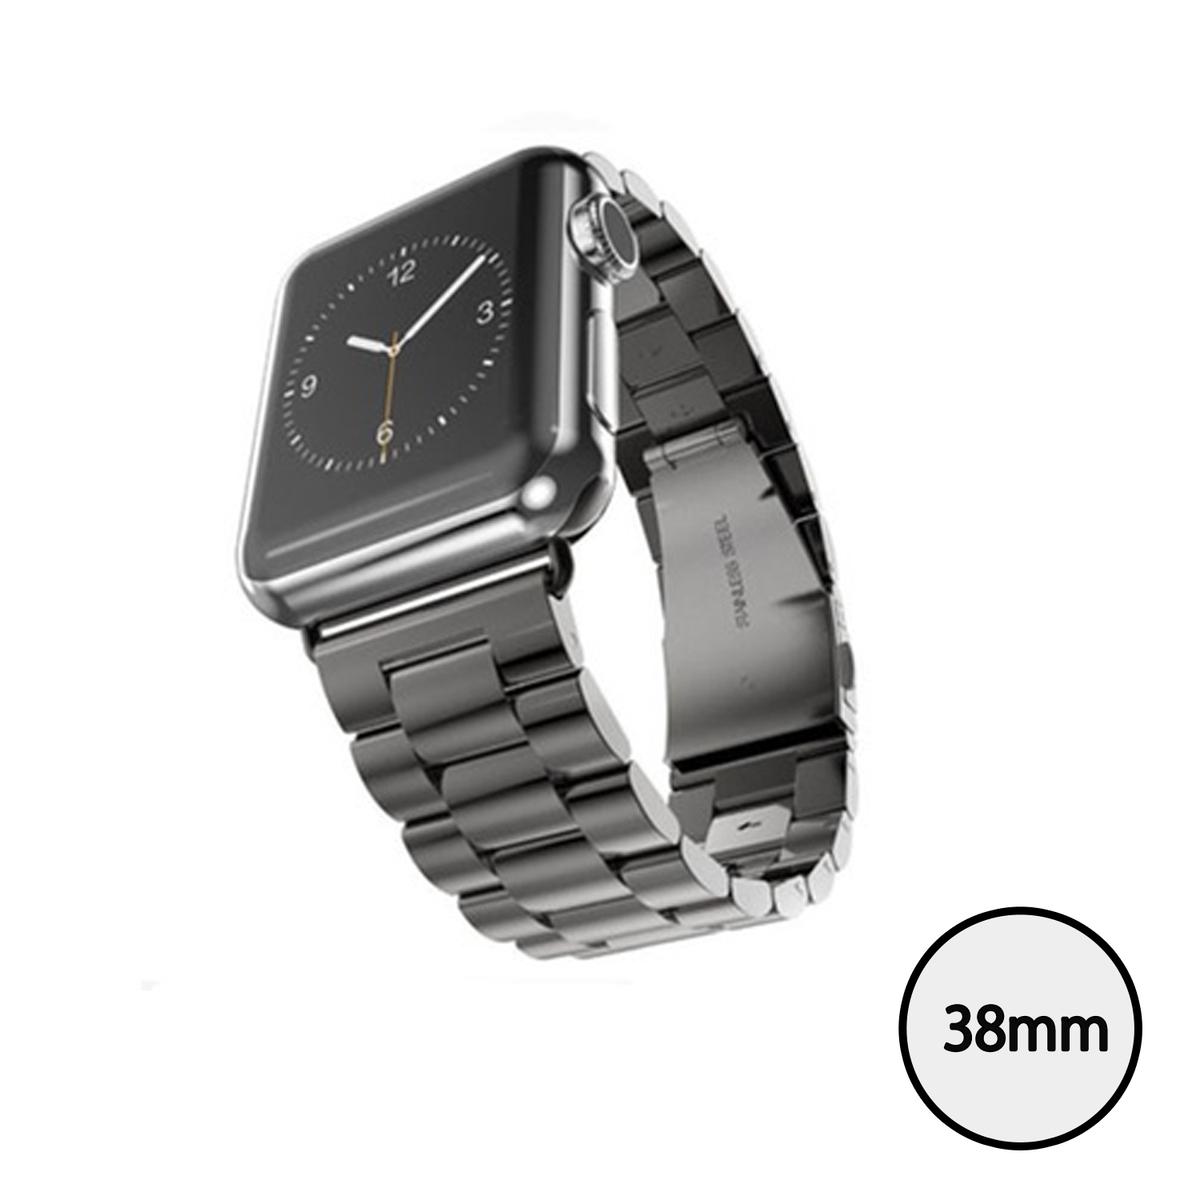 精鋼錶帶,適用於 Apple Watch (38mm)